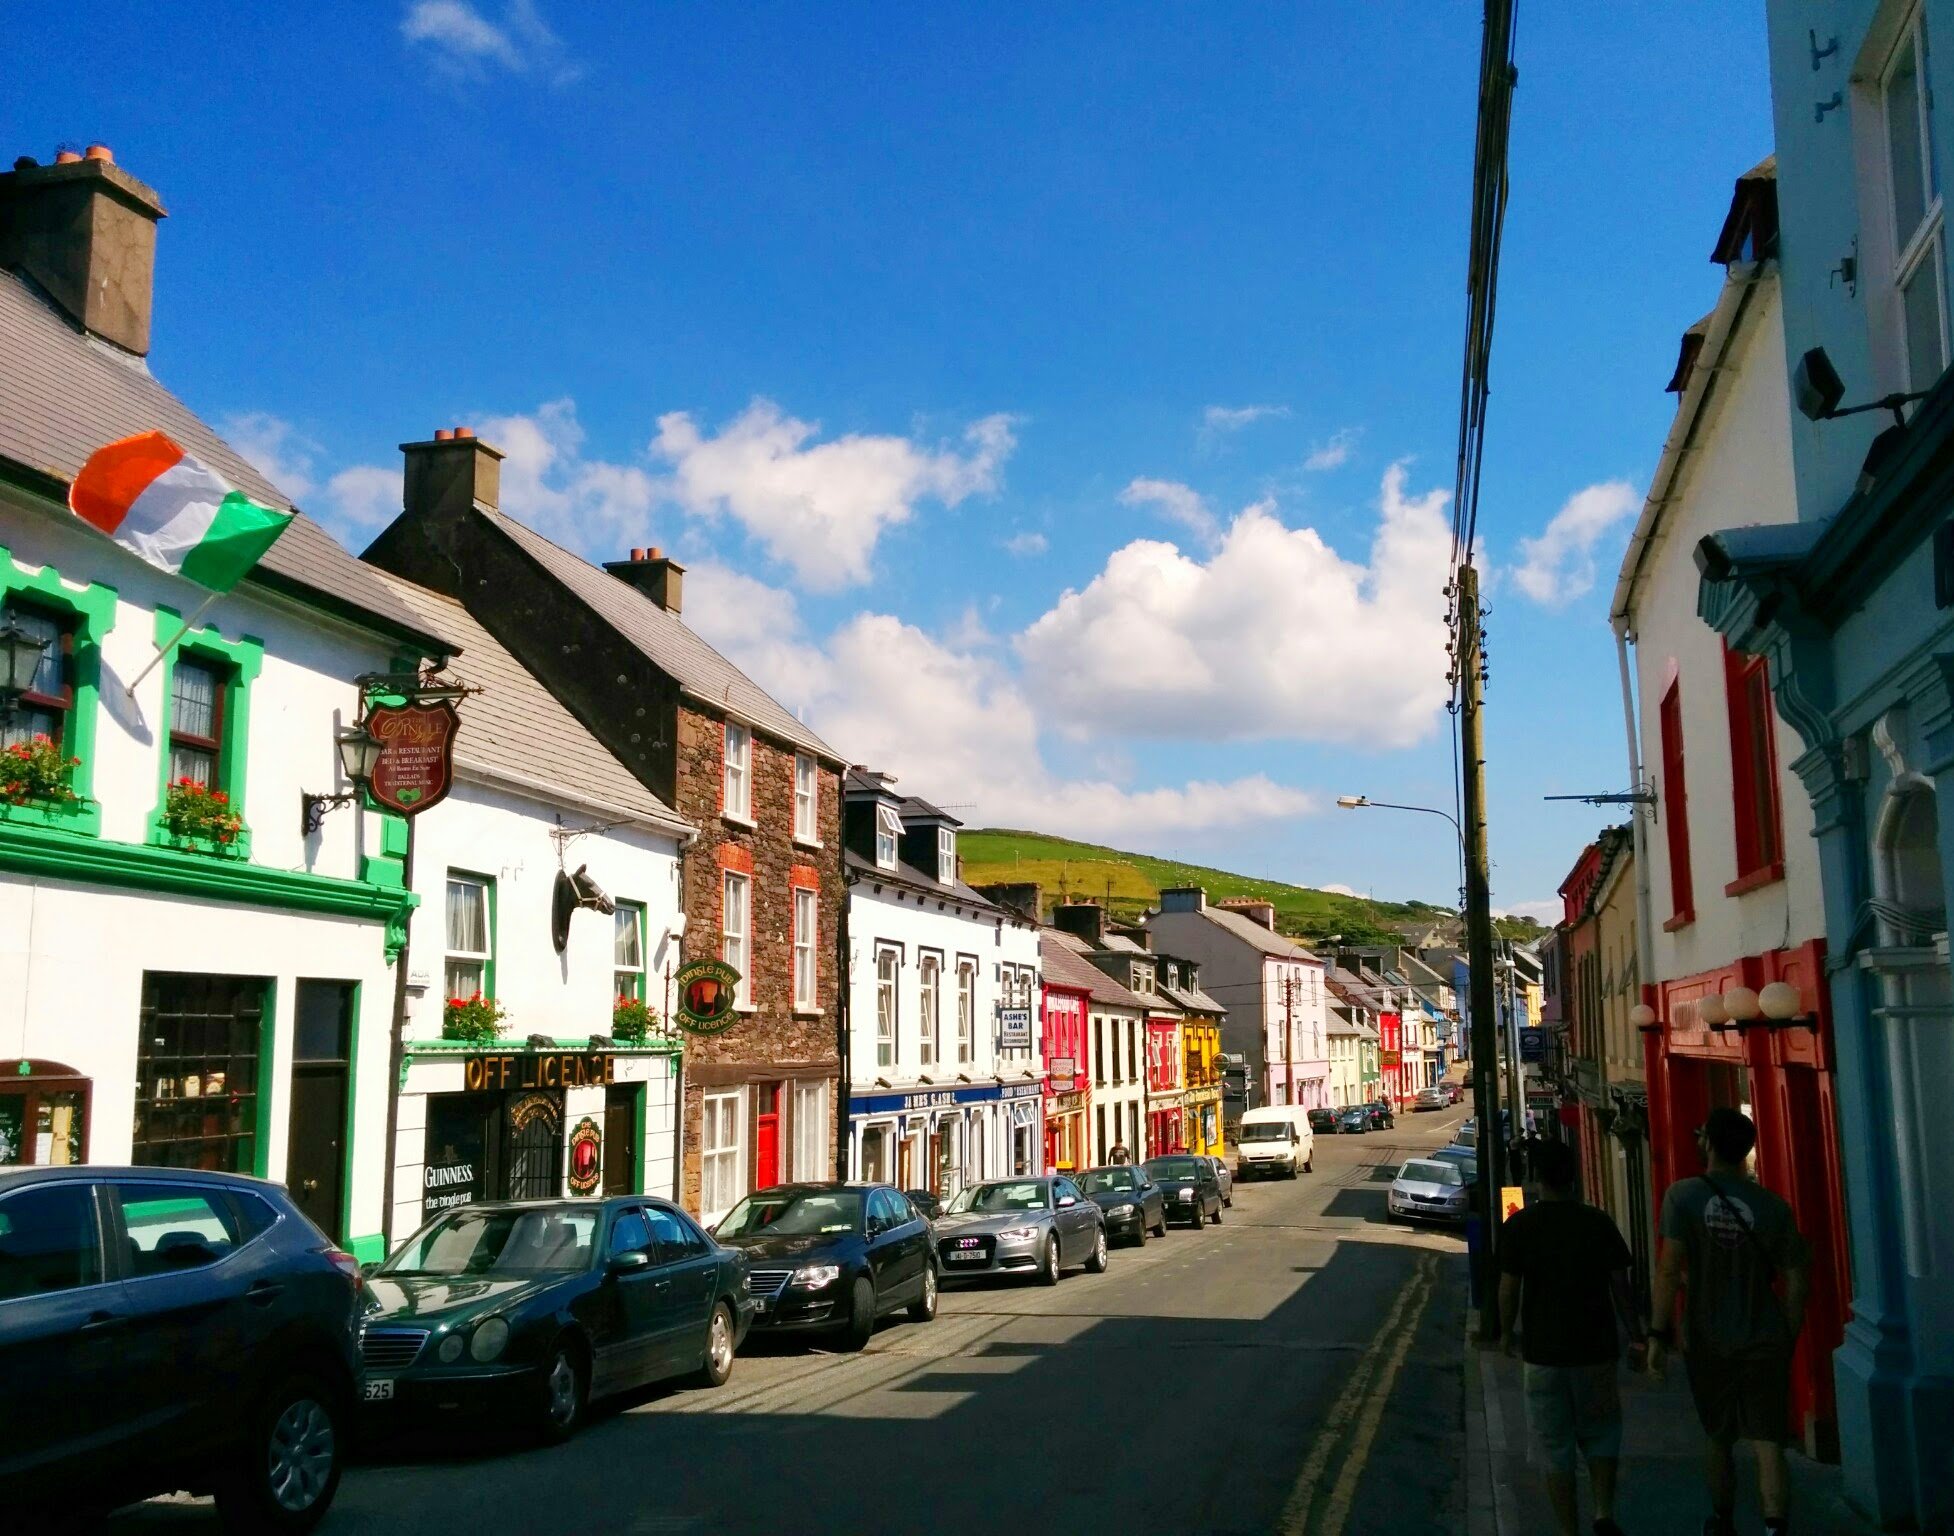 Main St, Dingle, Co. Kerry